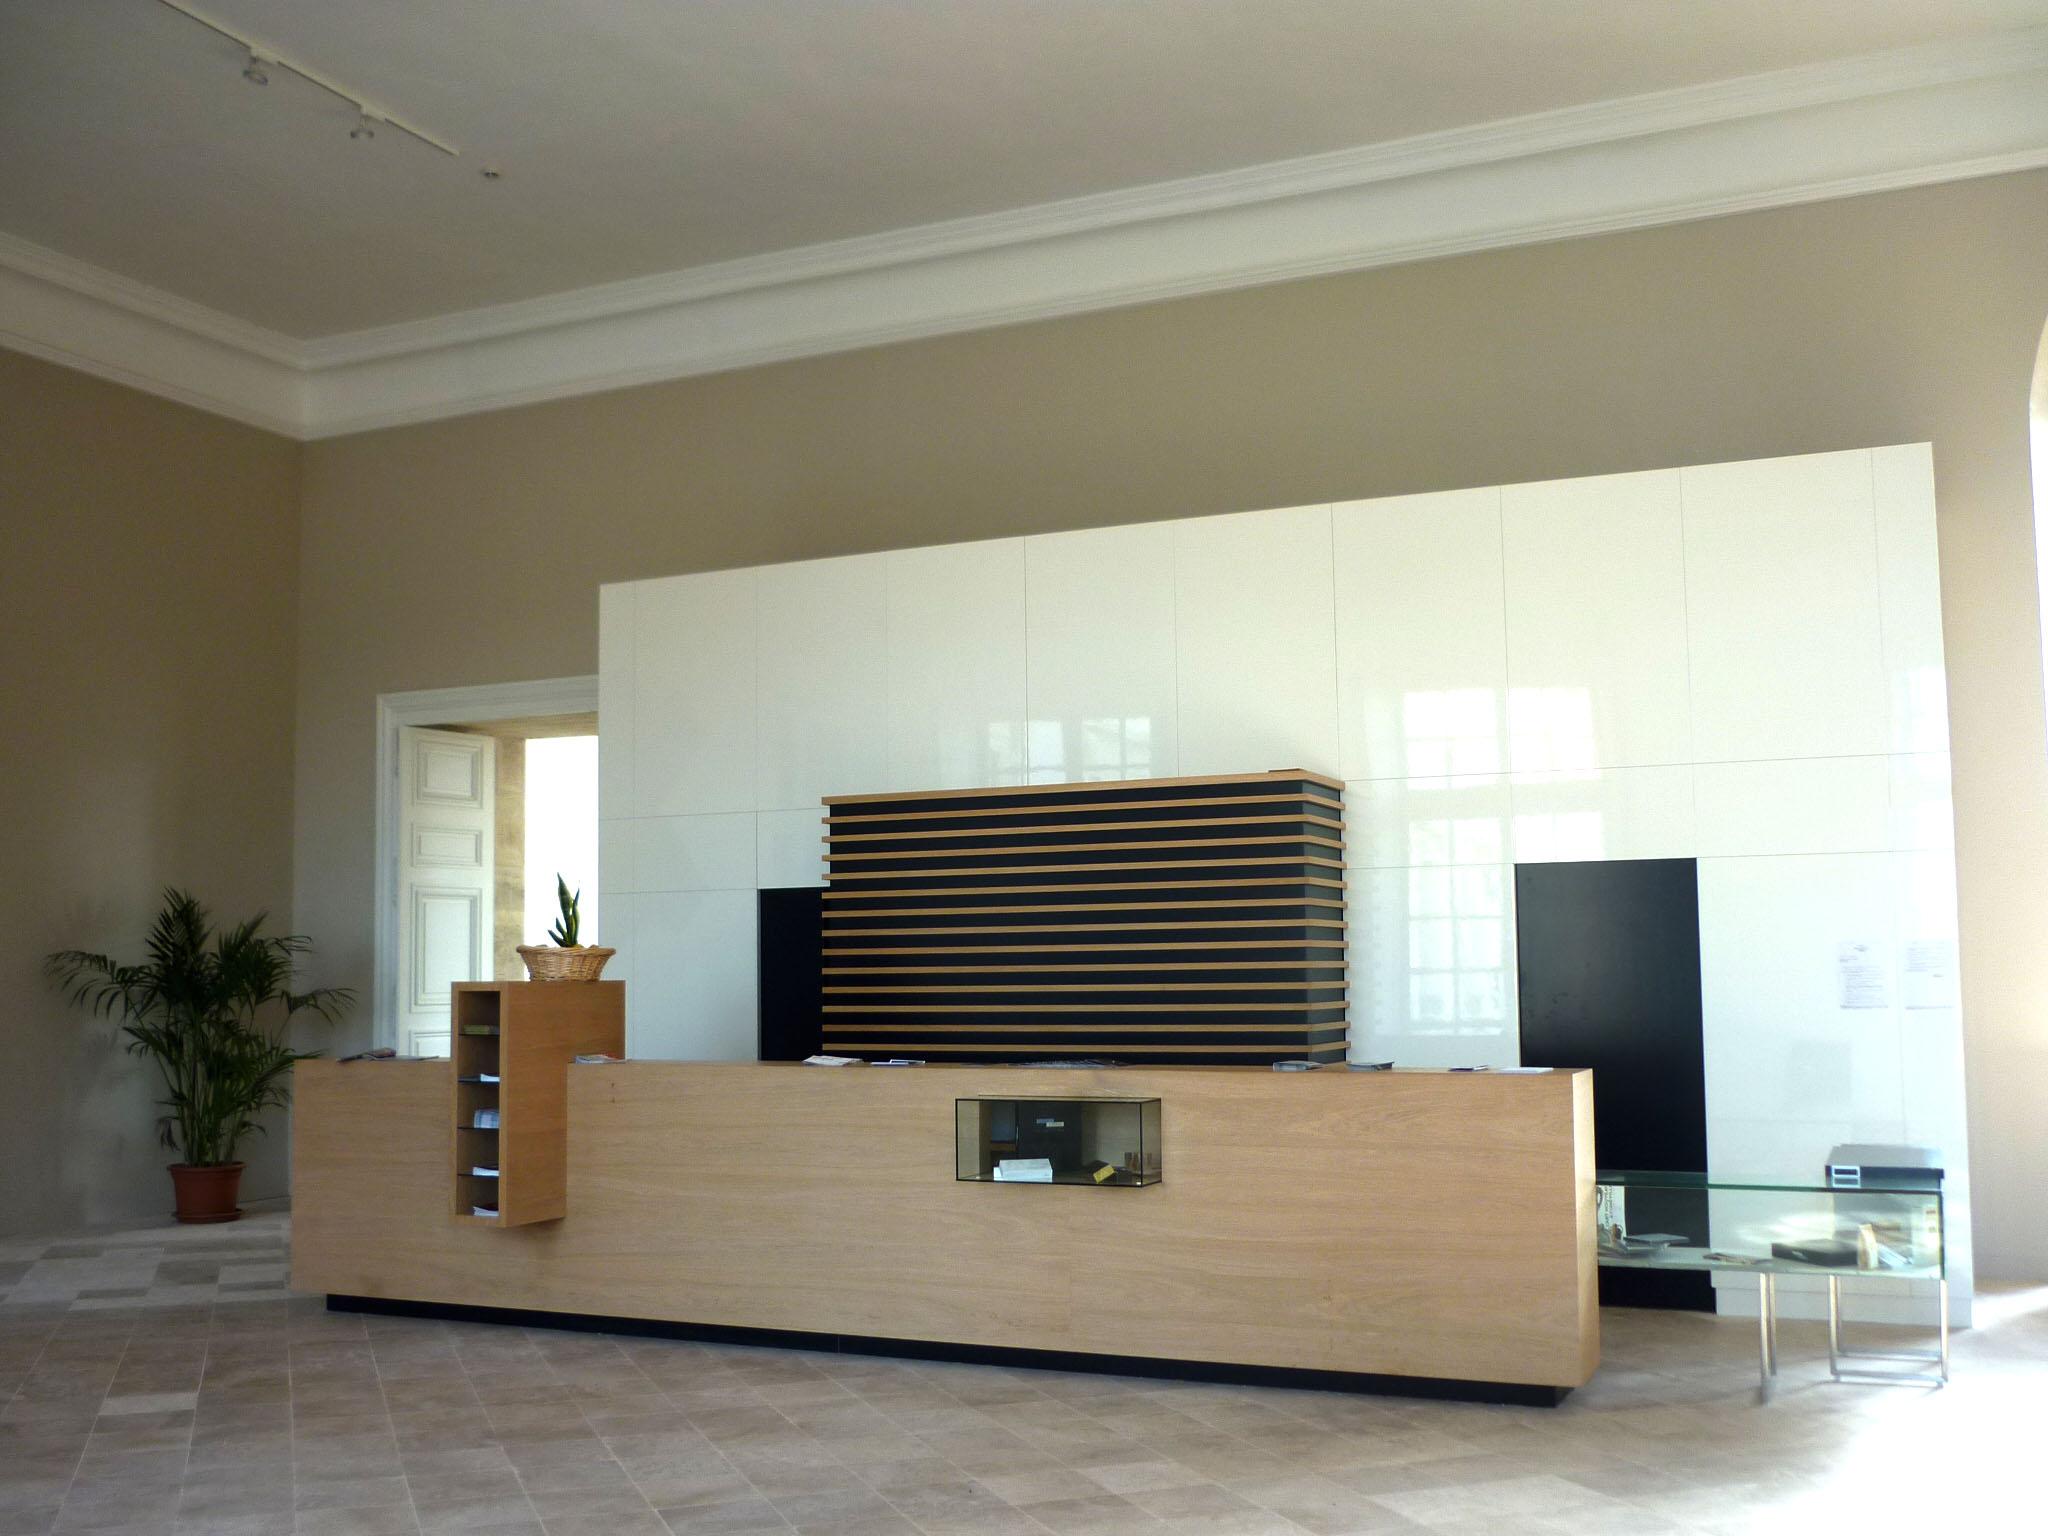 Agence Caillault ACMH – Palais ducal – Luneville – Salle des Gardes restaurée